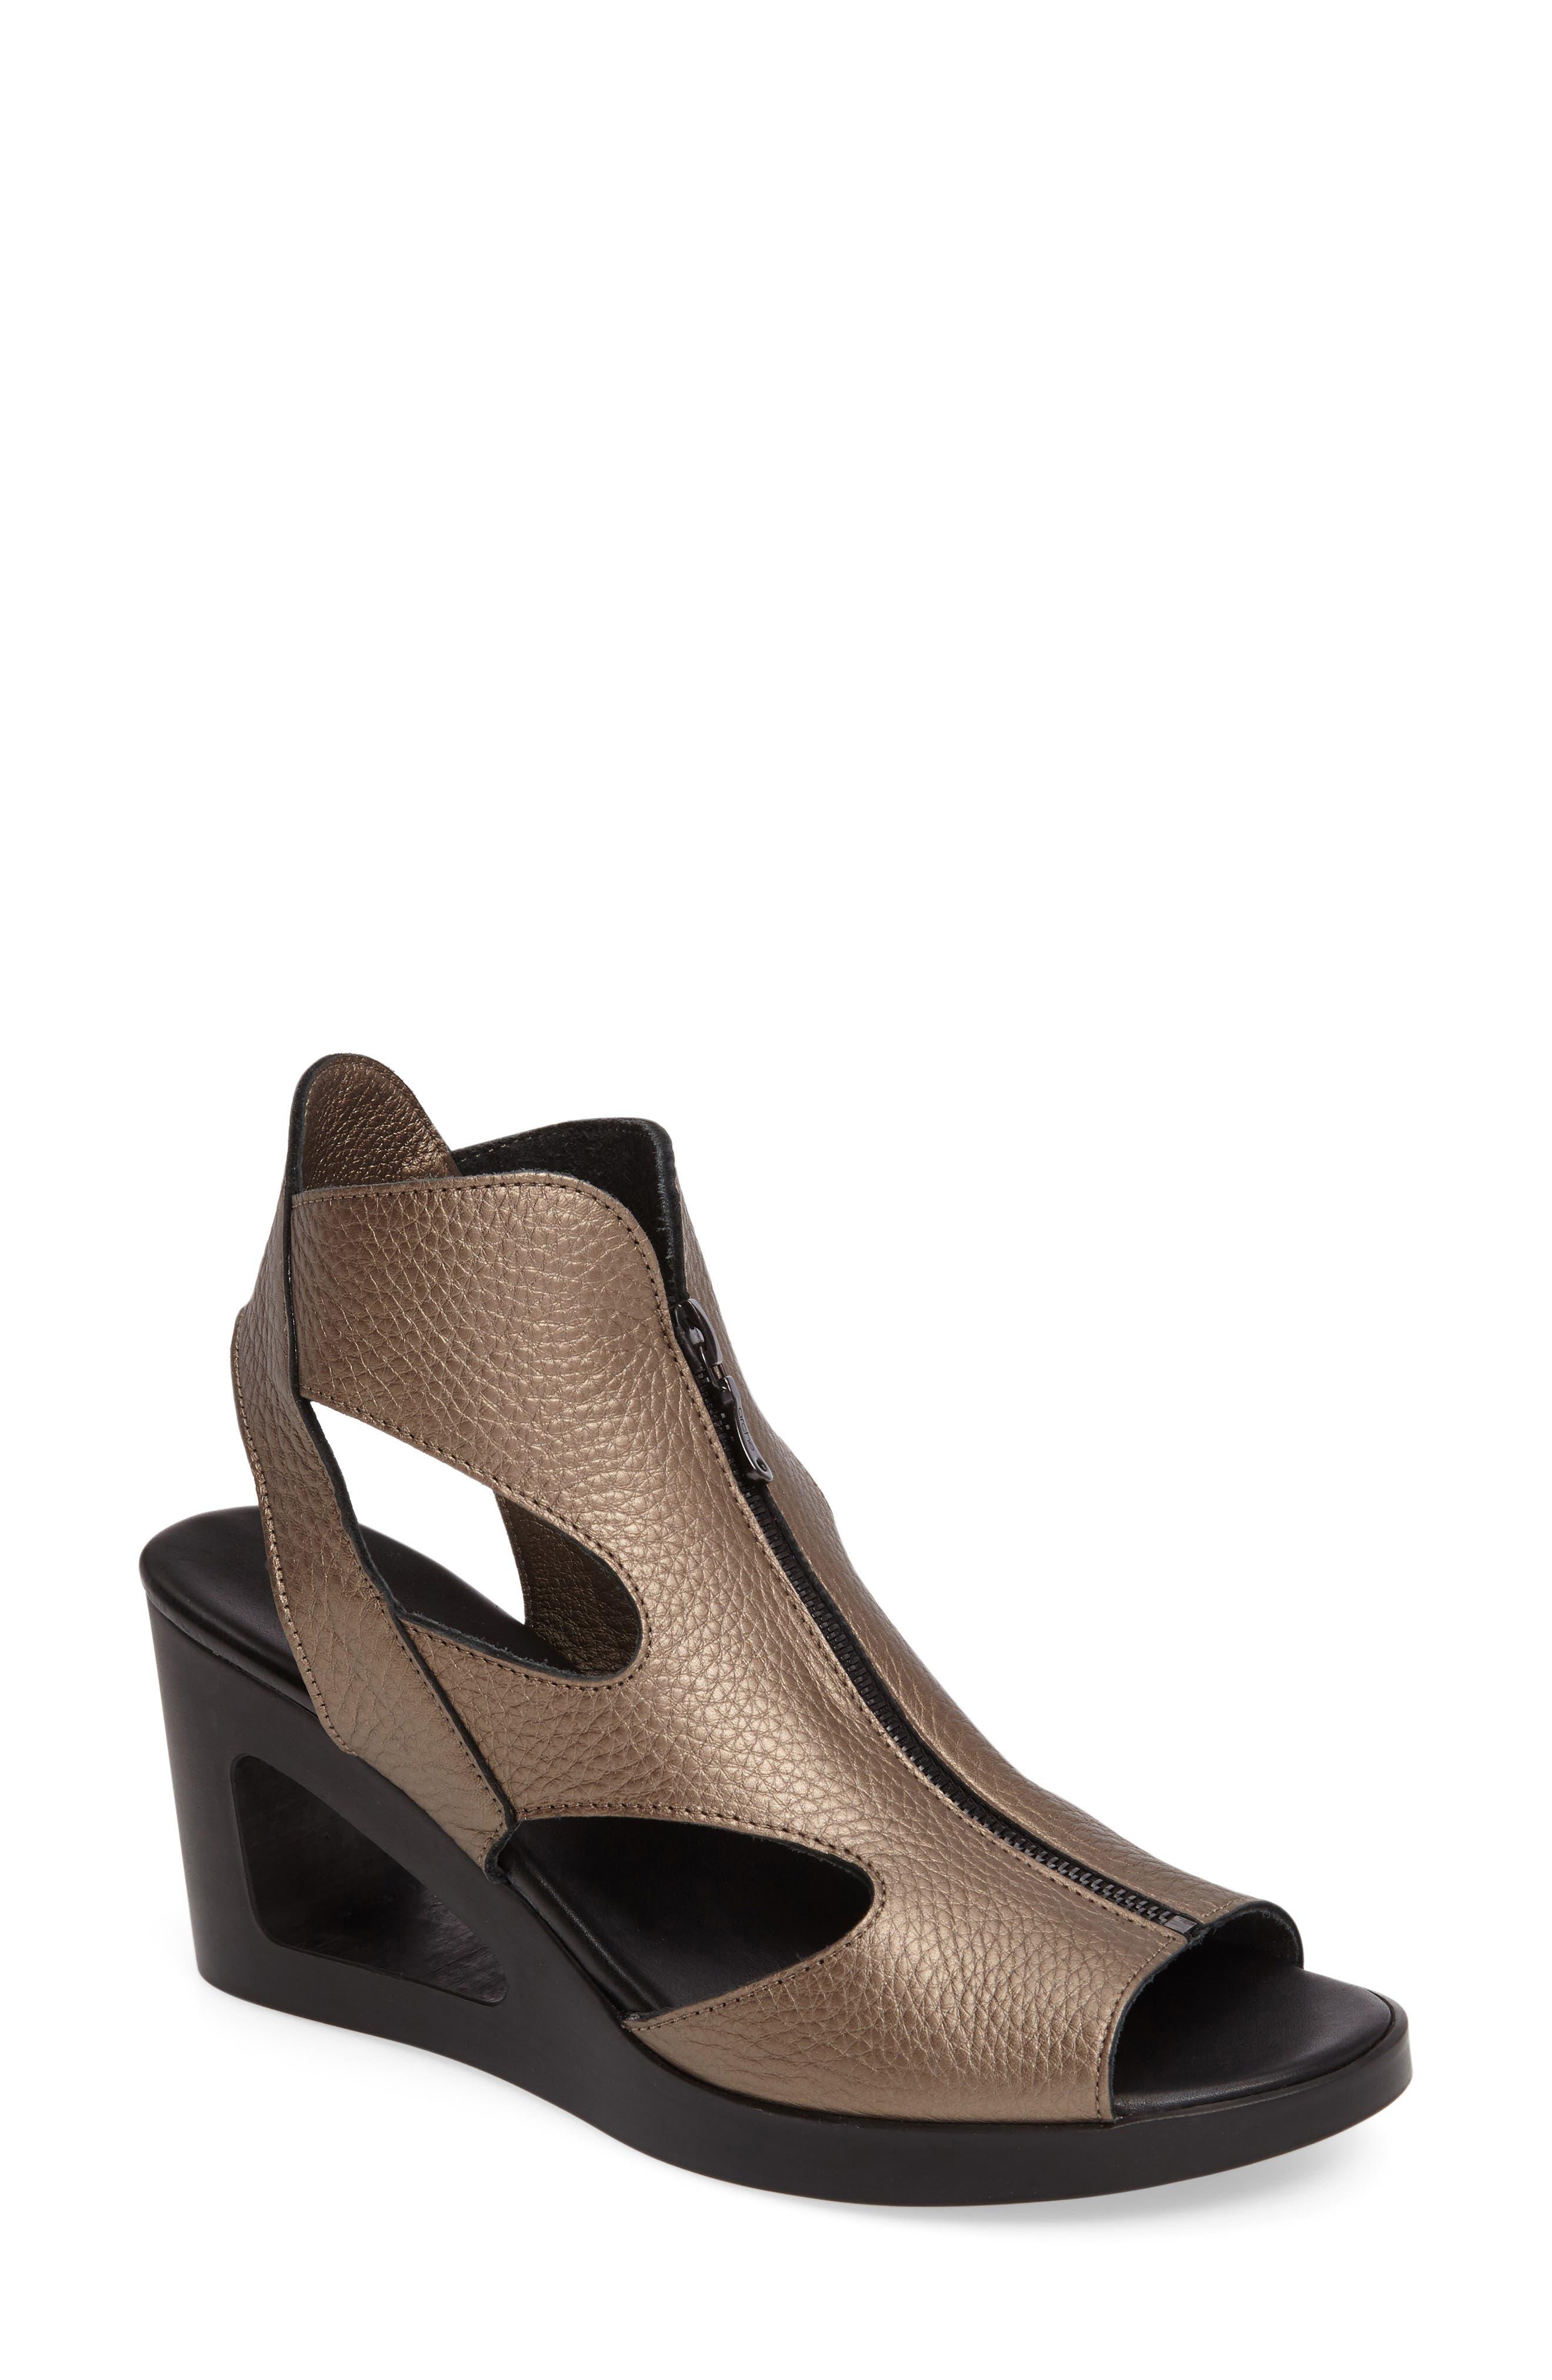 ARCHE Vahiro Cutout Wedge Sandal